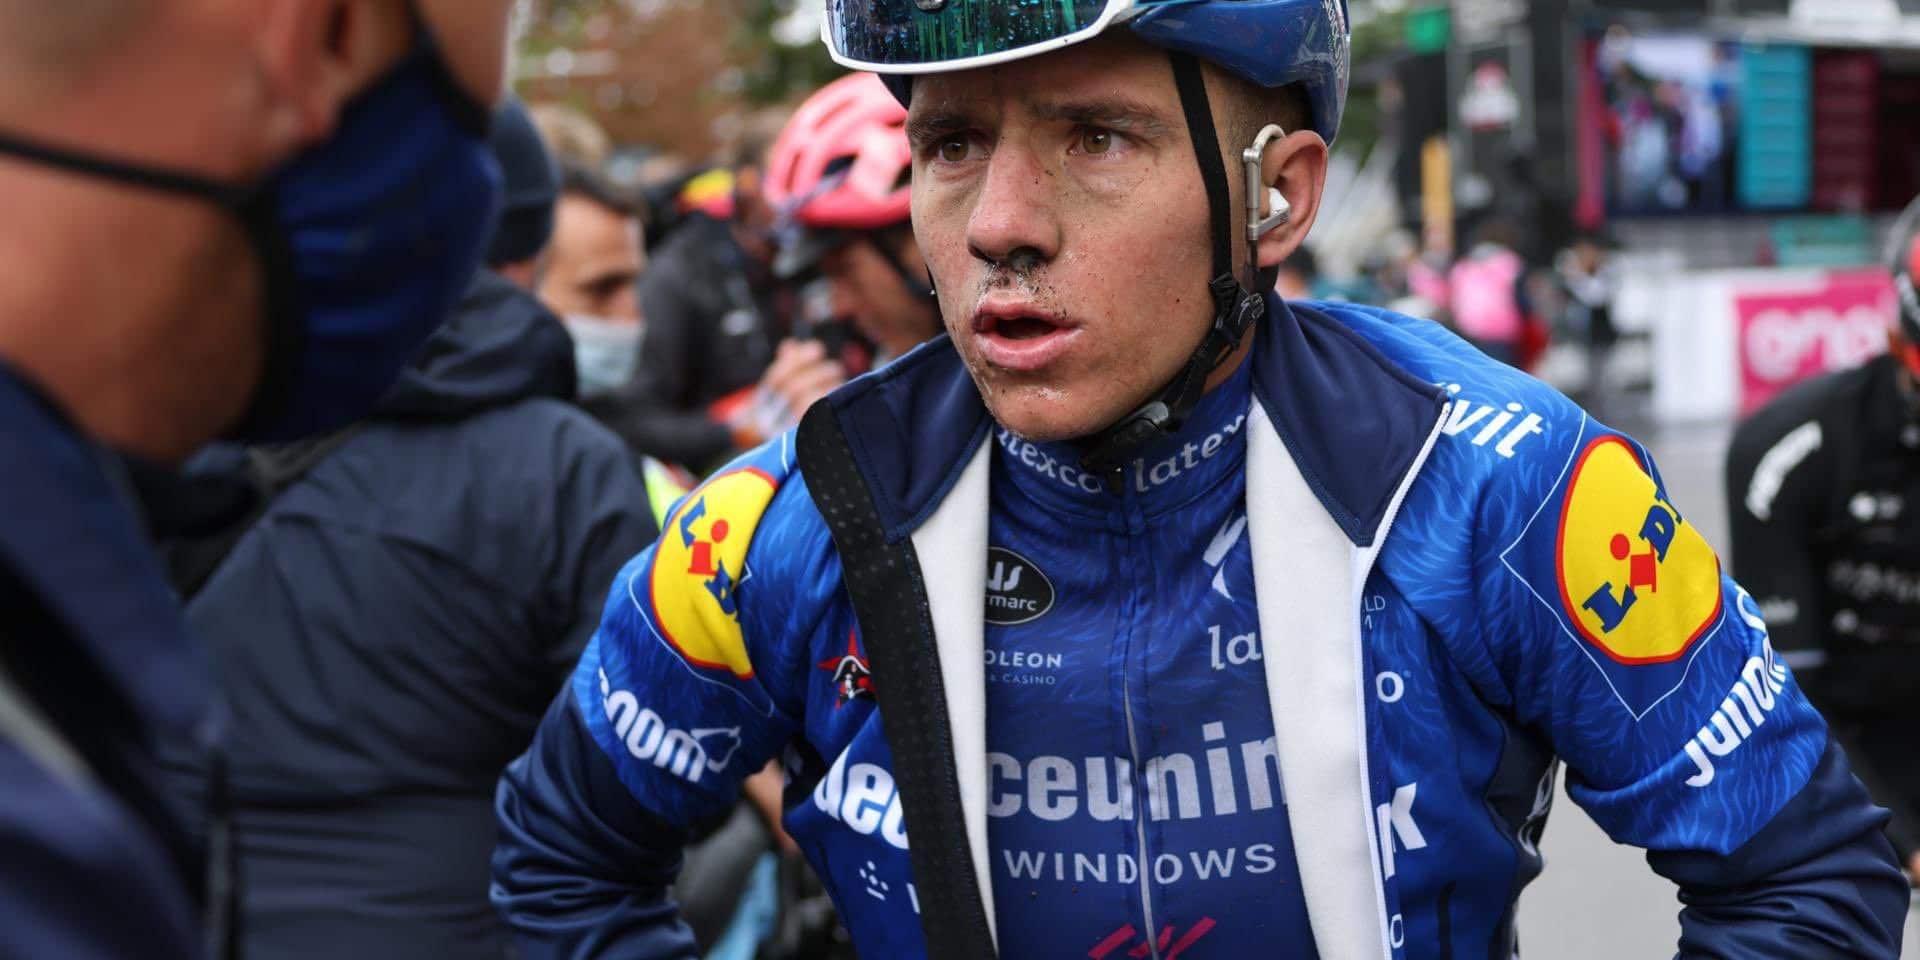 En difficulté mais unique leader: la journée contrastée de Remco Evenepoel au Giro